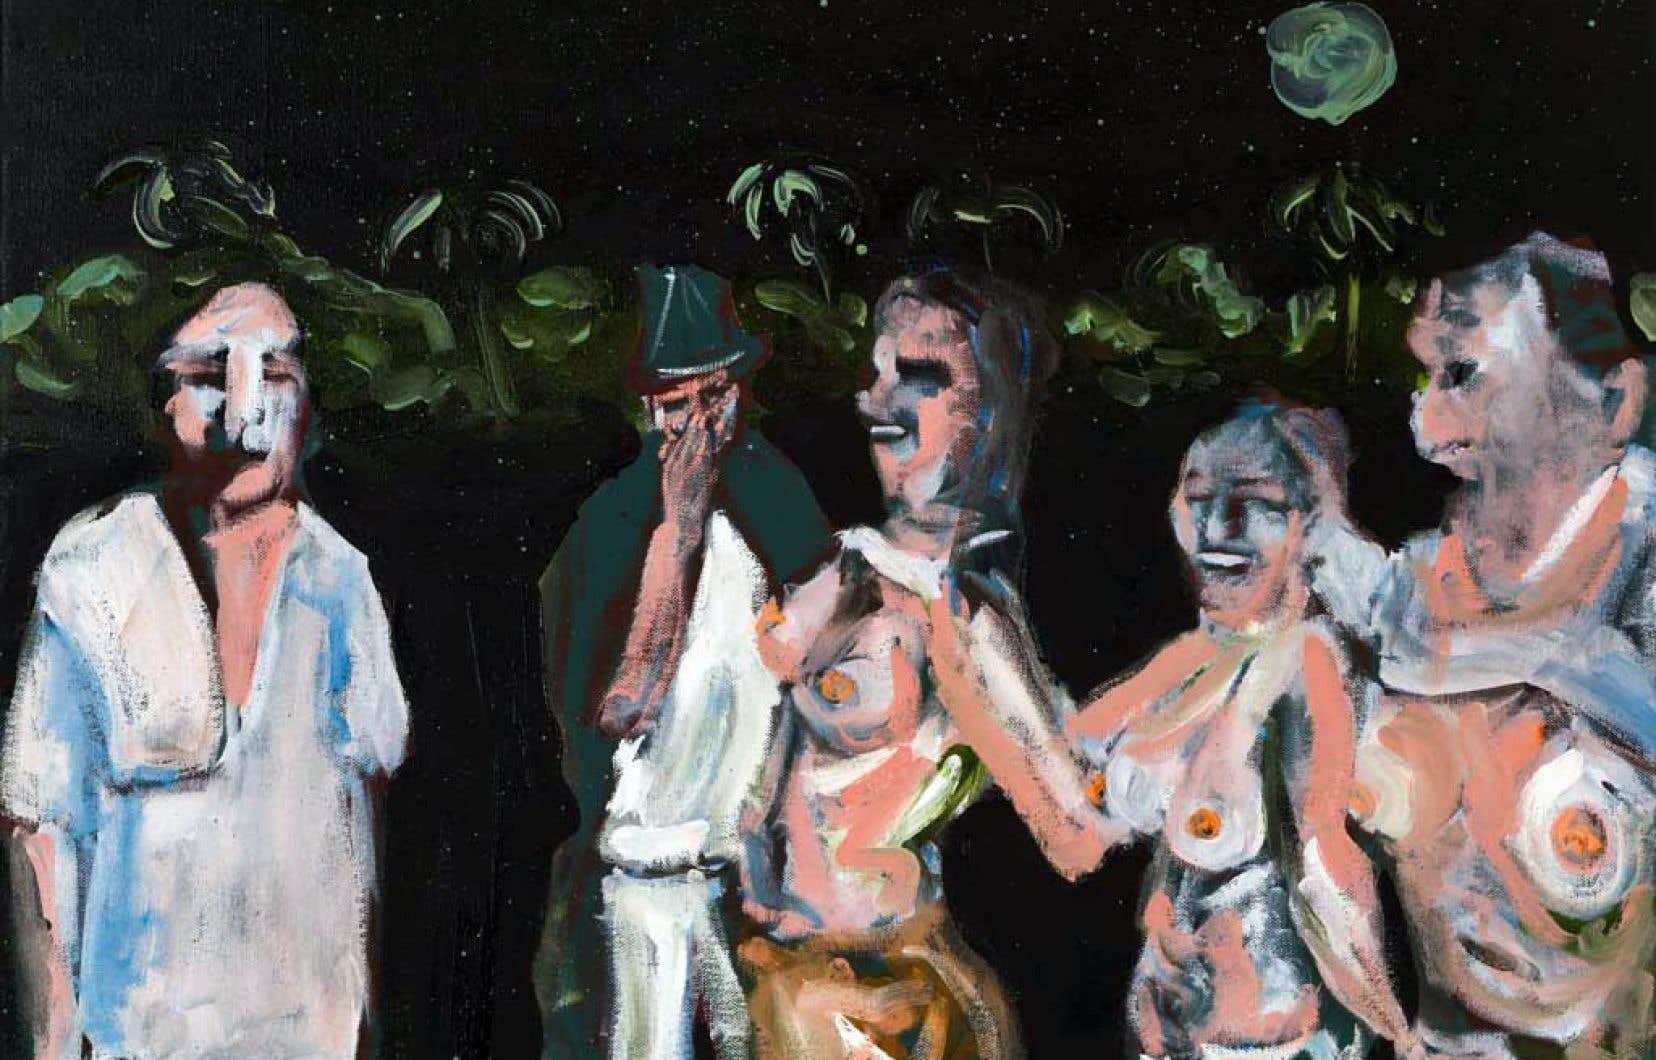 «Pleine lune», de Christian Messier, 2017, fait partie des six œuvres censurées.